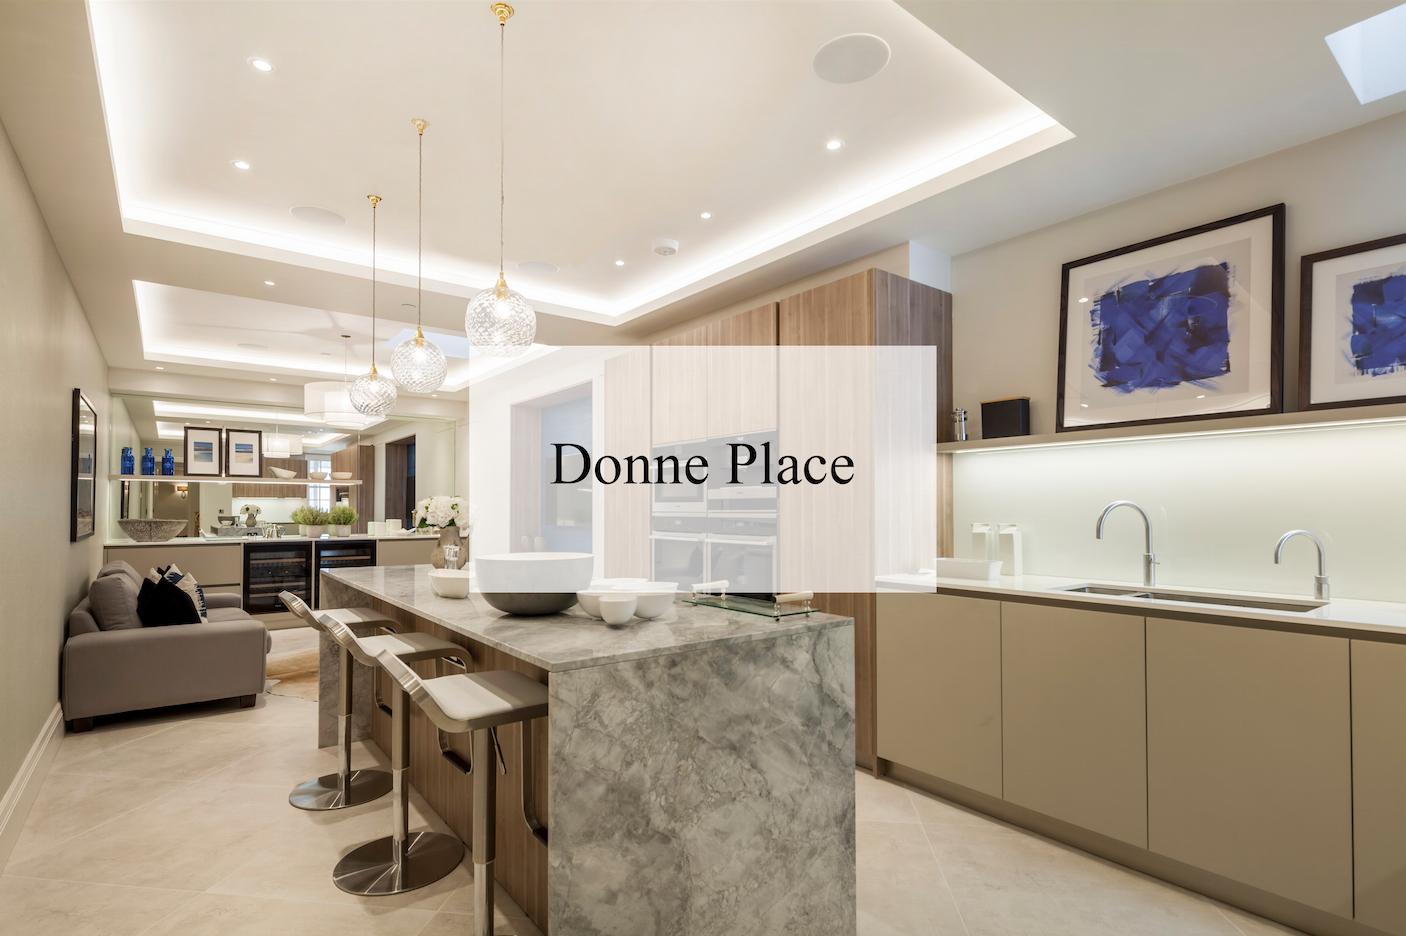 Donne Place